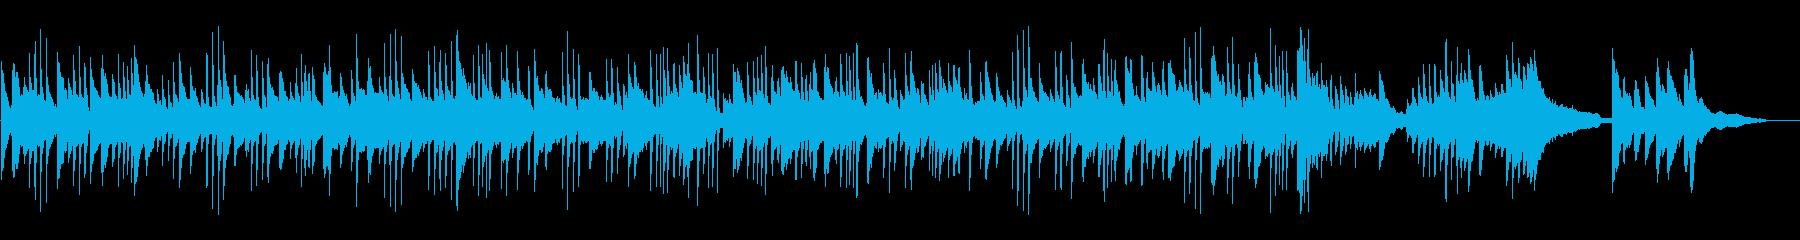 ピアノ浮遊感、幻想的で神秘的なヒーリングの再生済みの波形